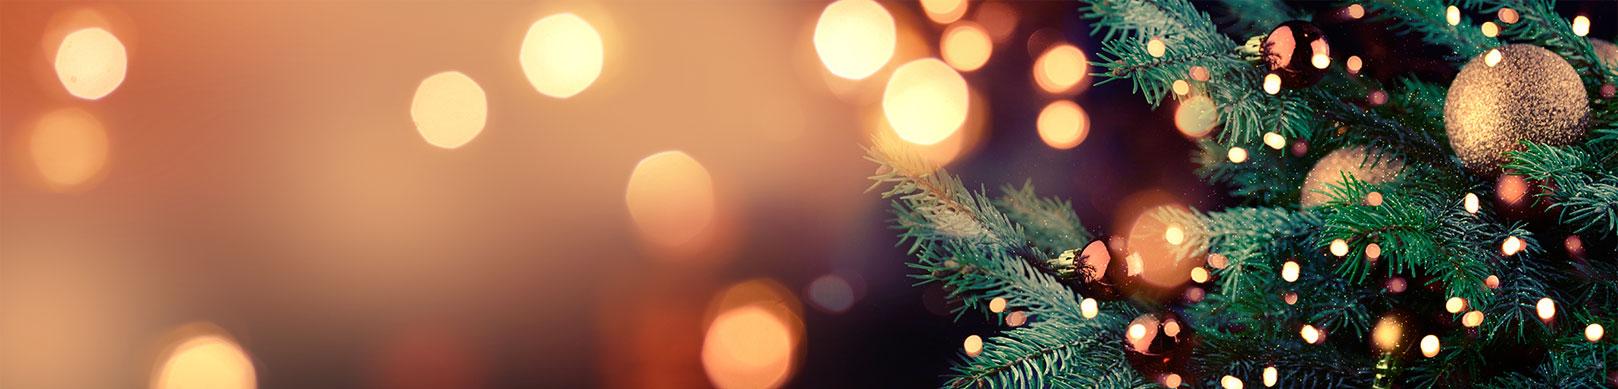 çam ağacı ve ışıklar